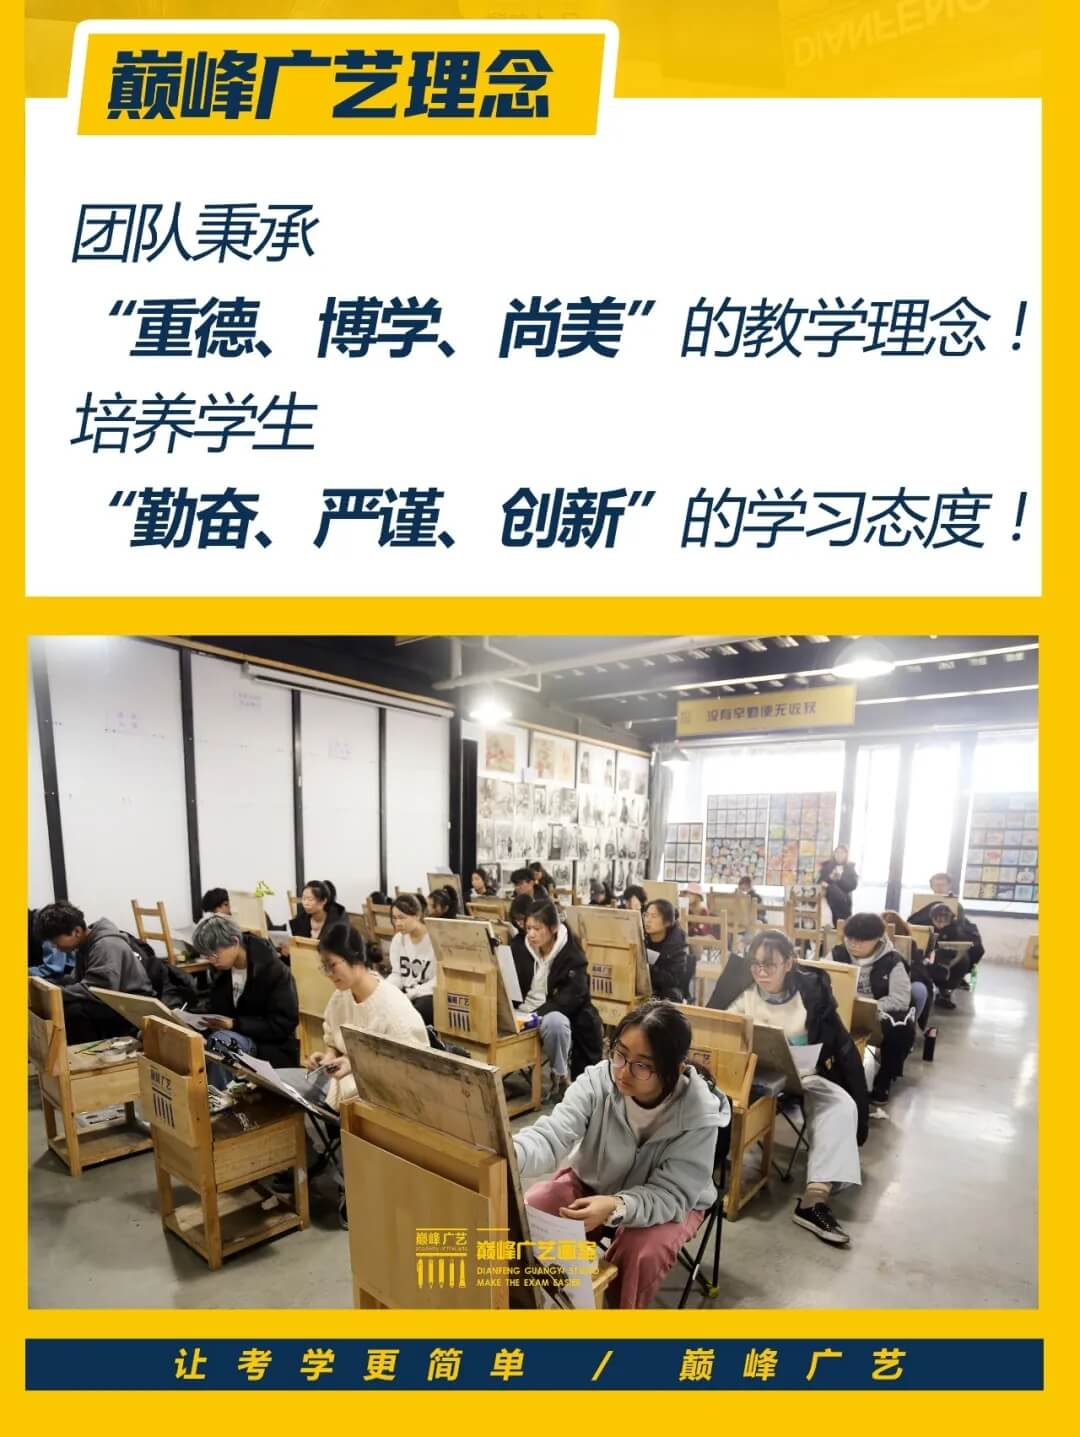 北京巅峰广艺画室,北京画室,北京美术集训,09